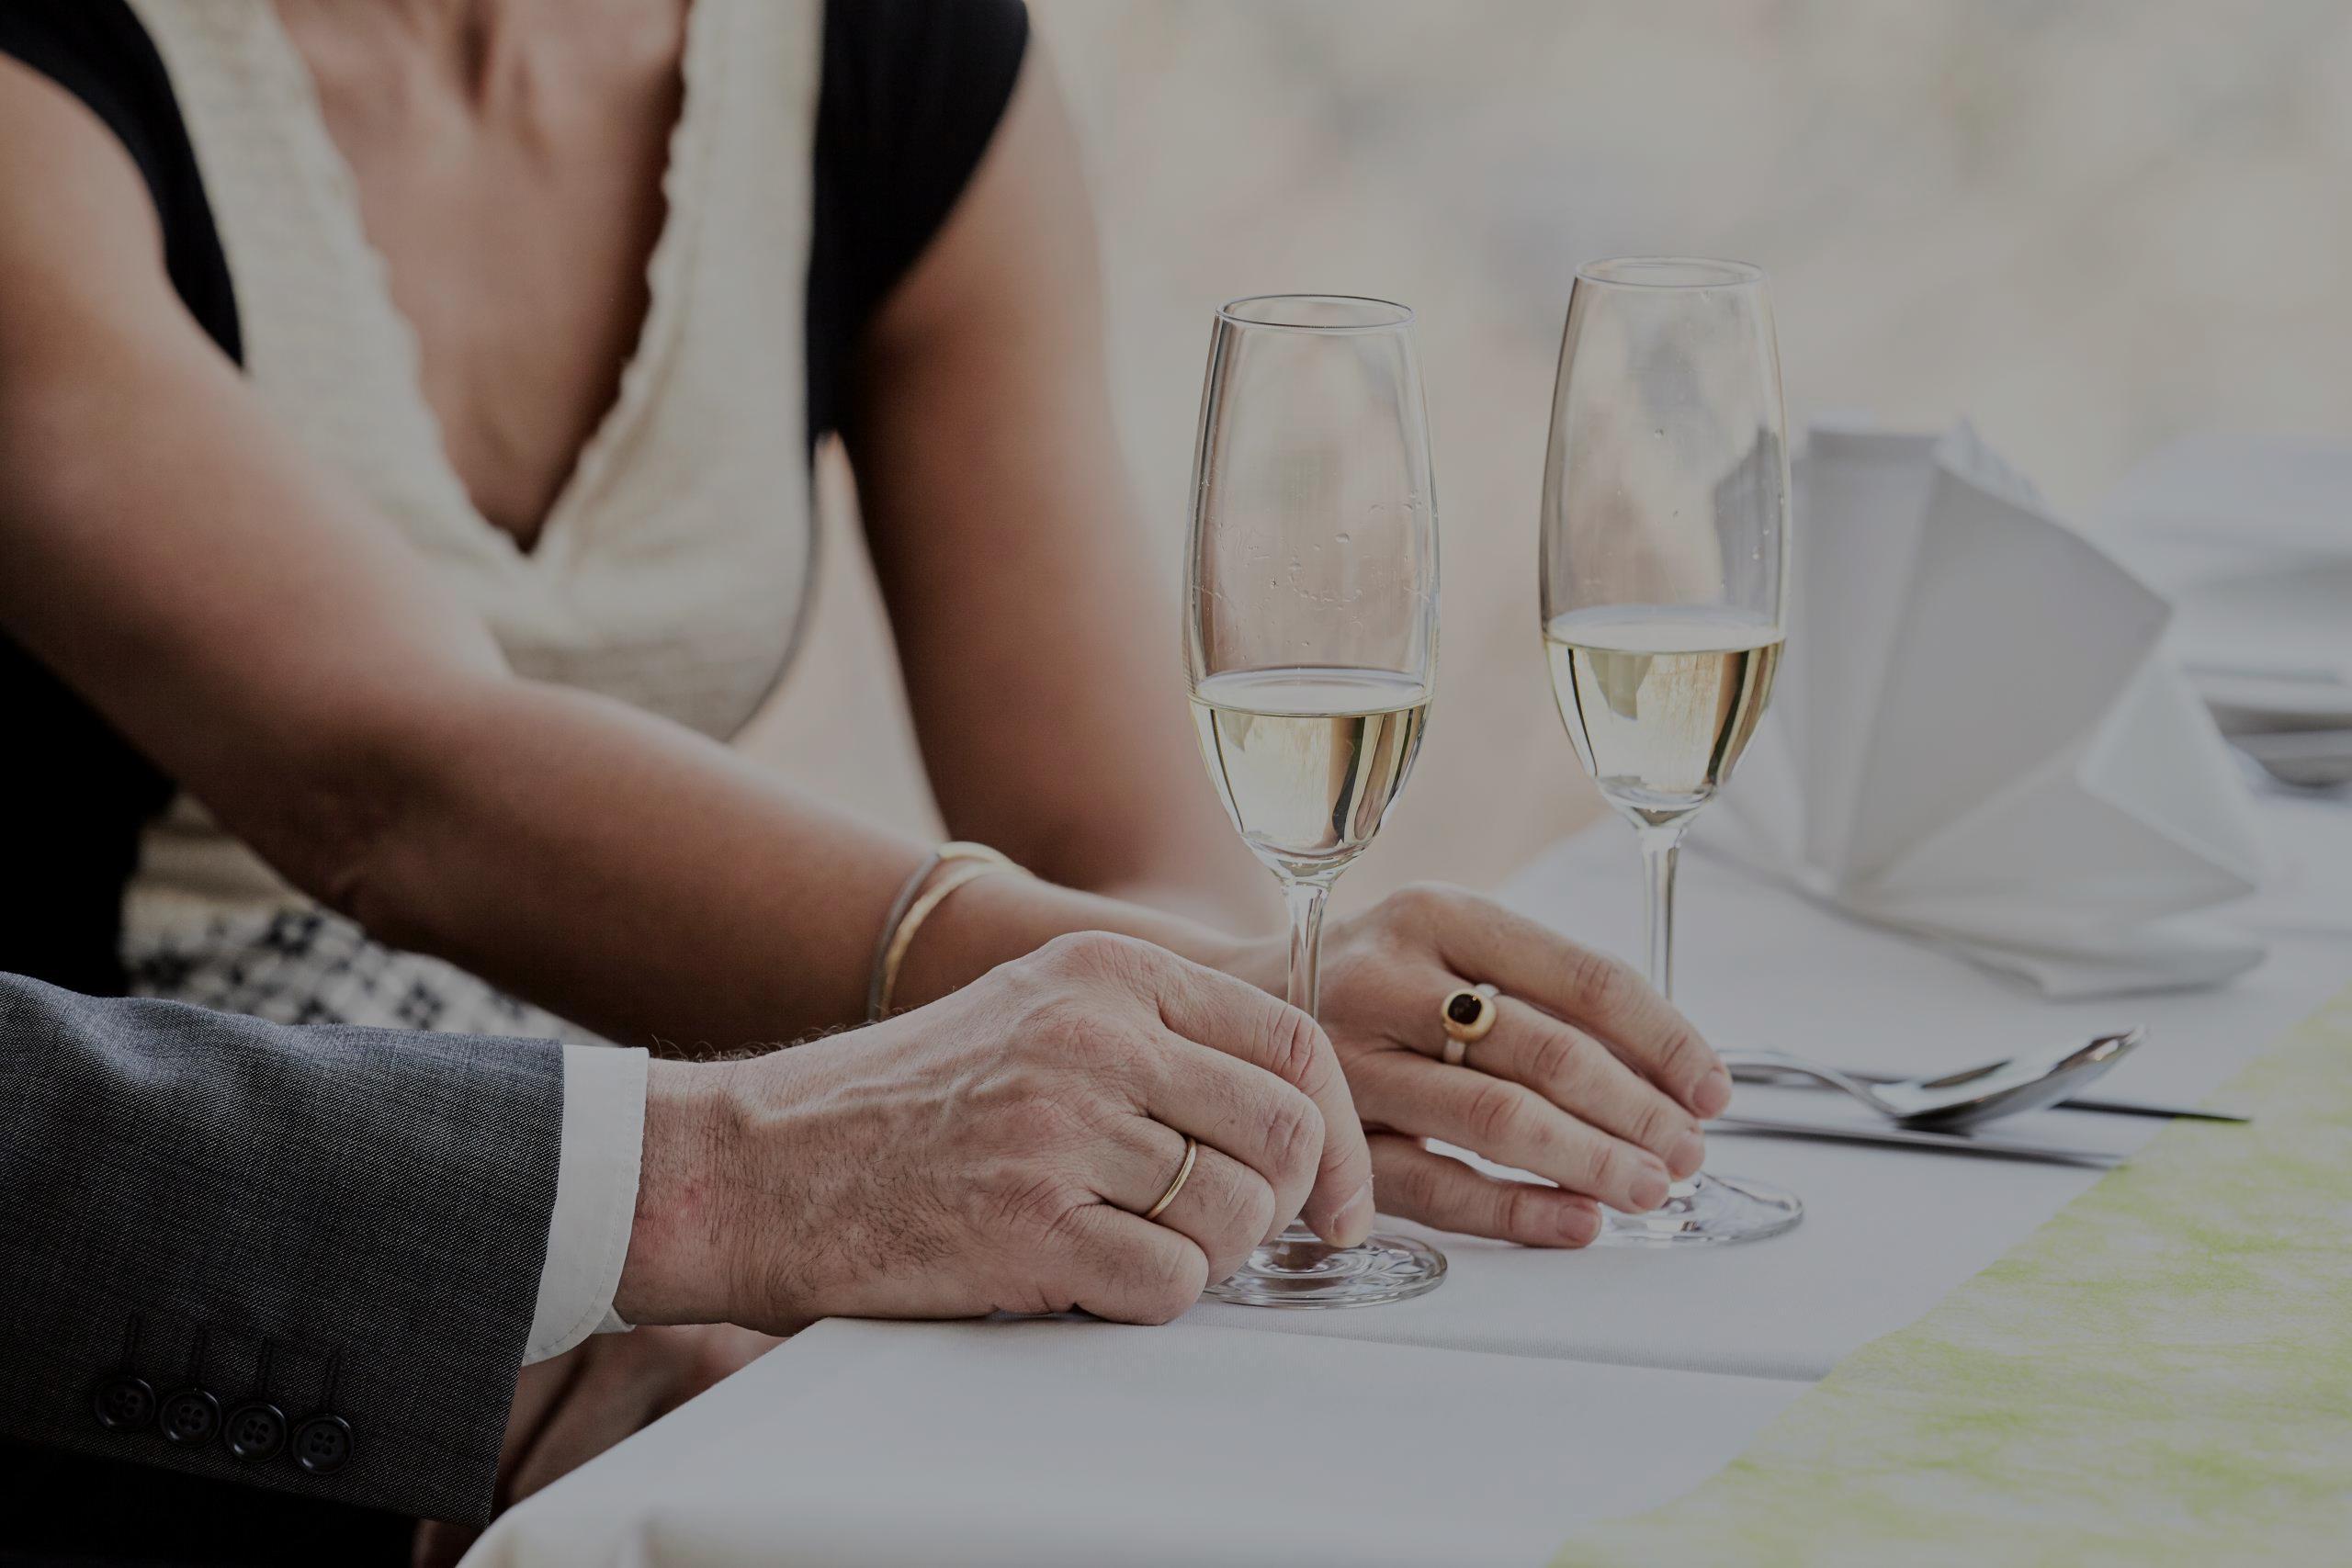 Hochzeitsredner, Hochzeitsprediger, Ehekurs, Eheseminare, Elternkurs, Erziehungskurs, Ehevorbereitung